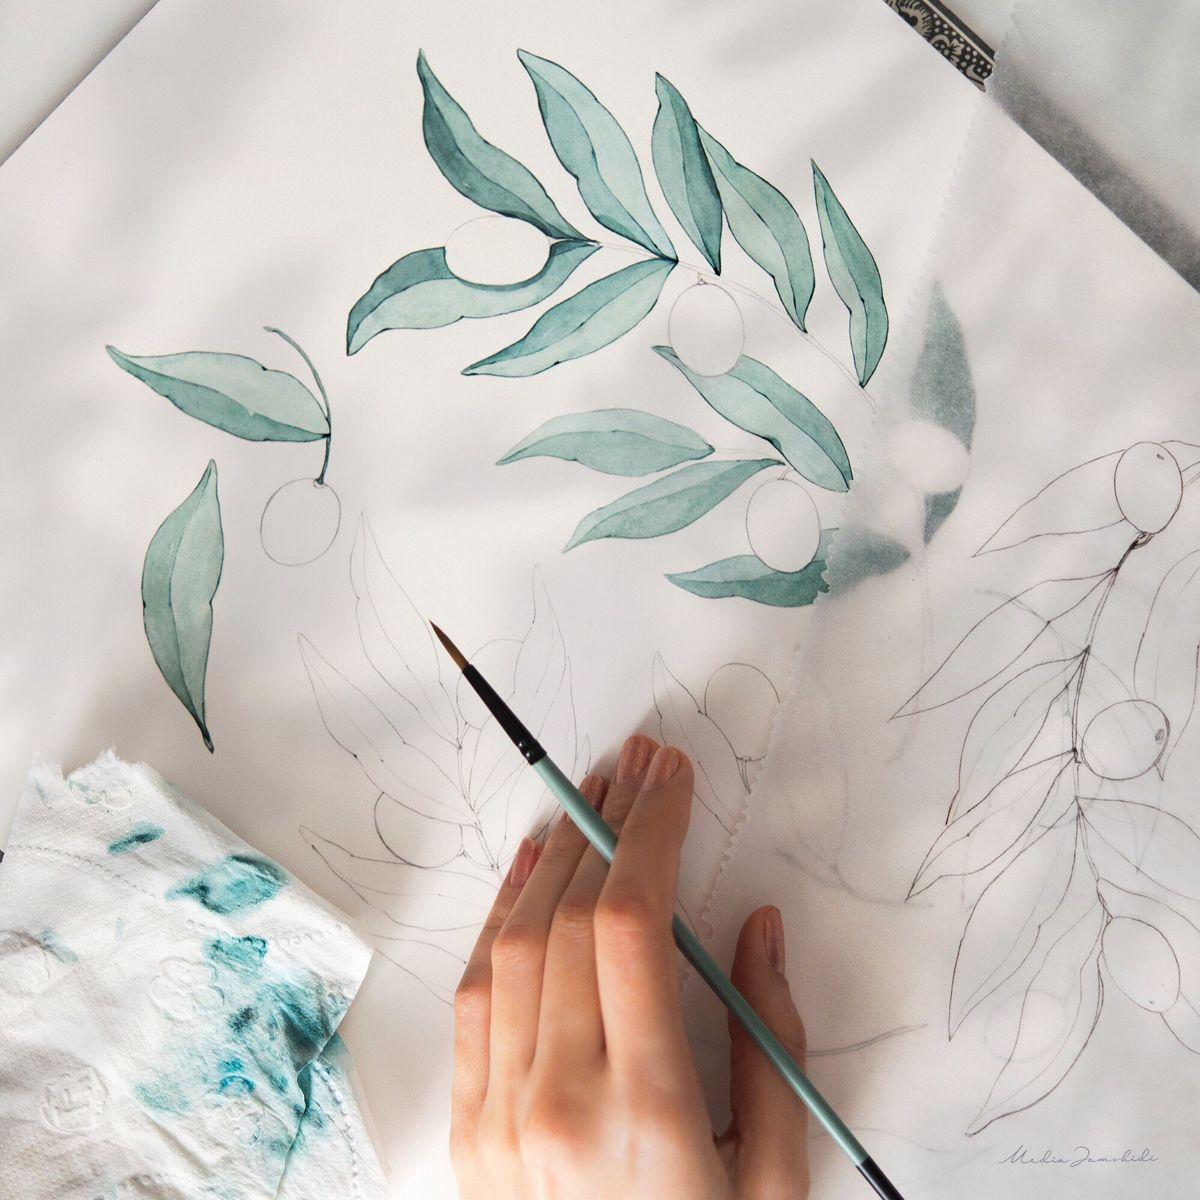 #watercolor #watercolorart